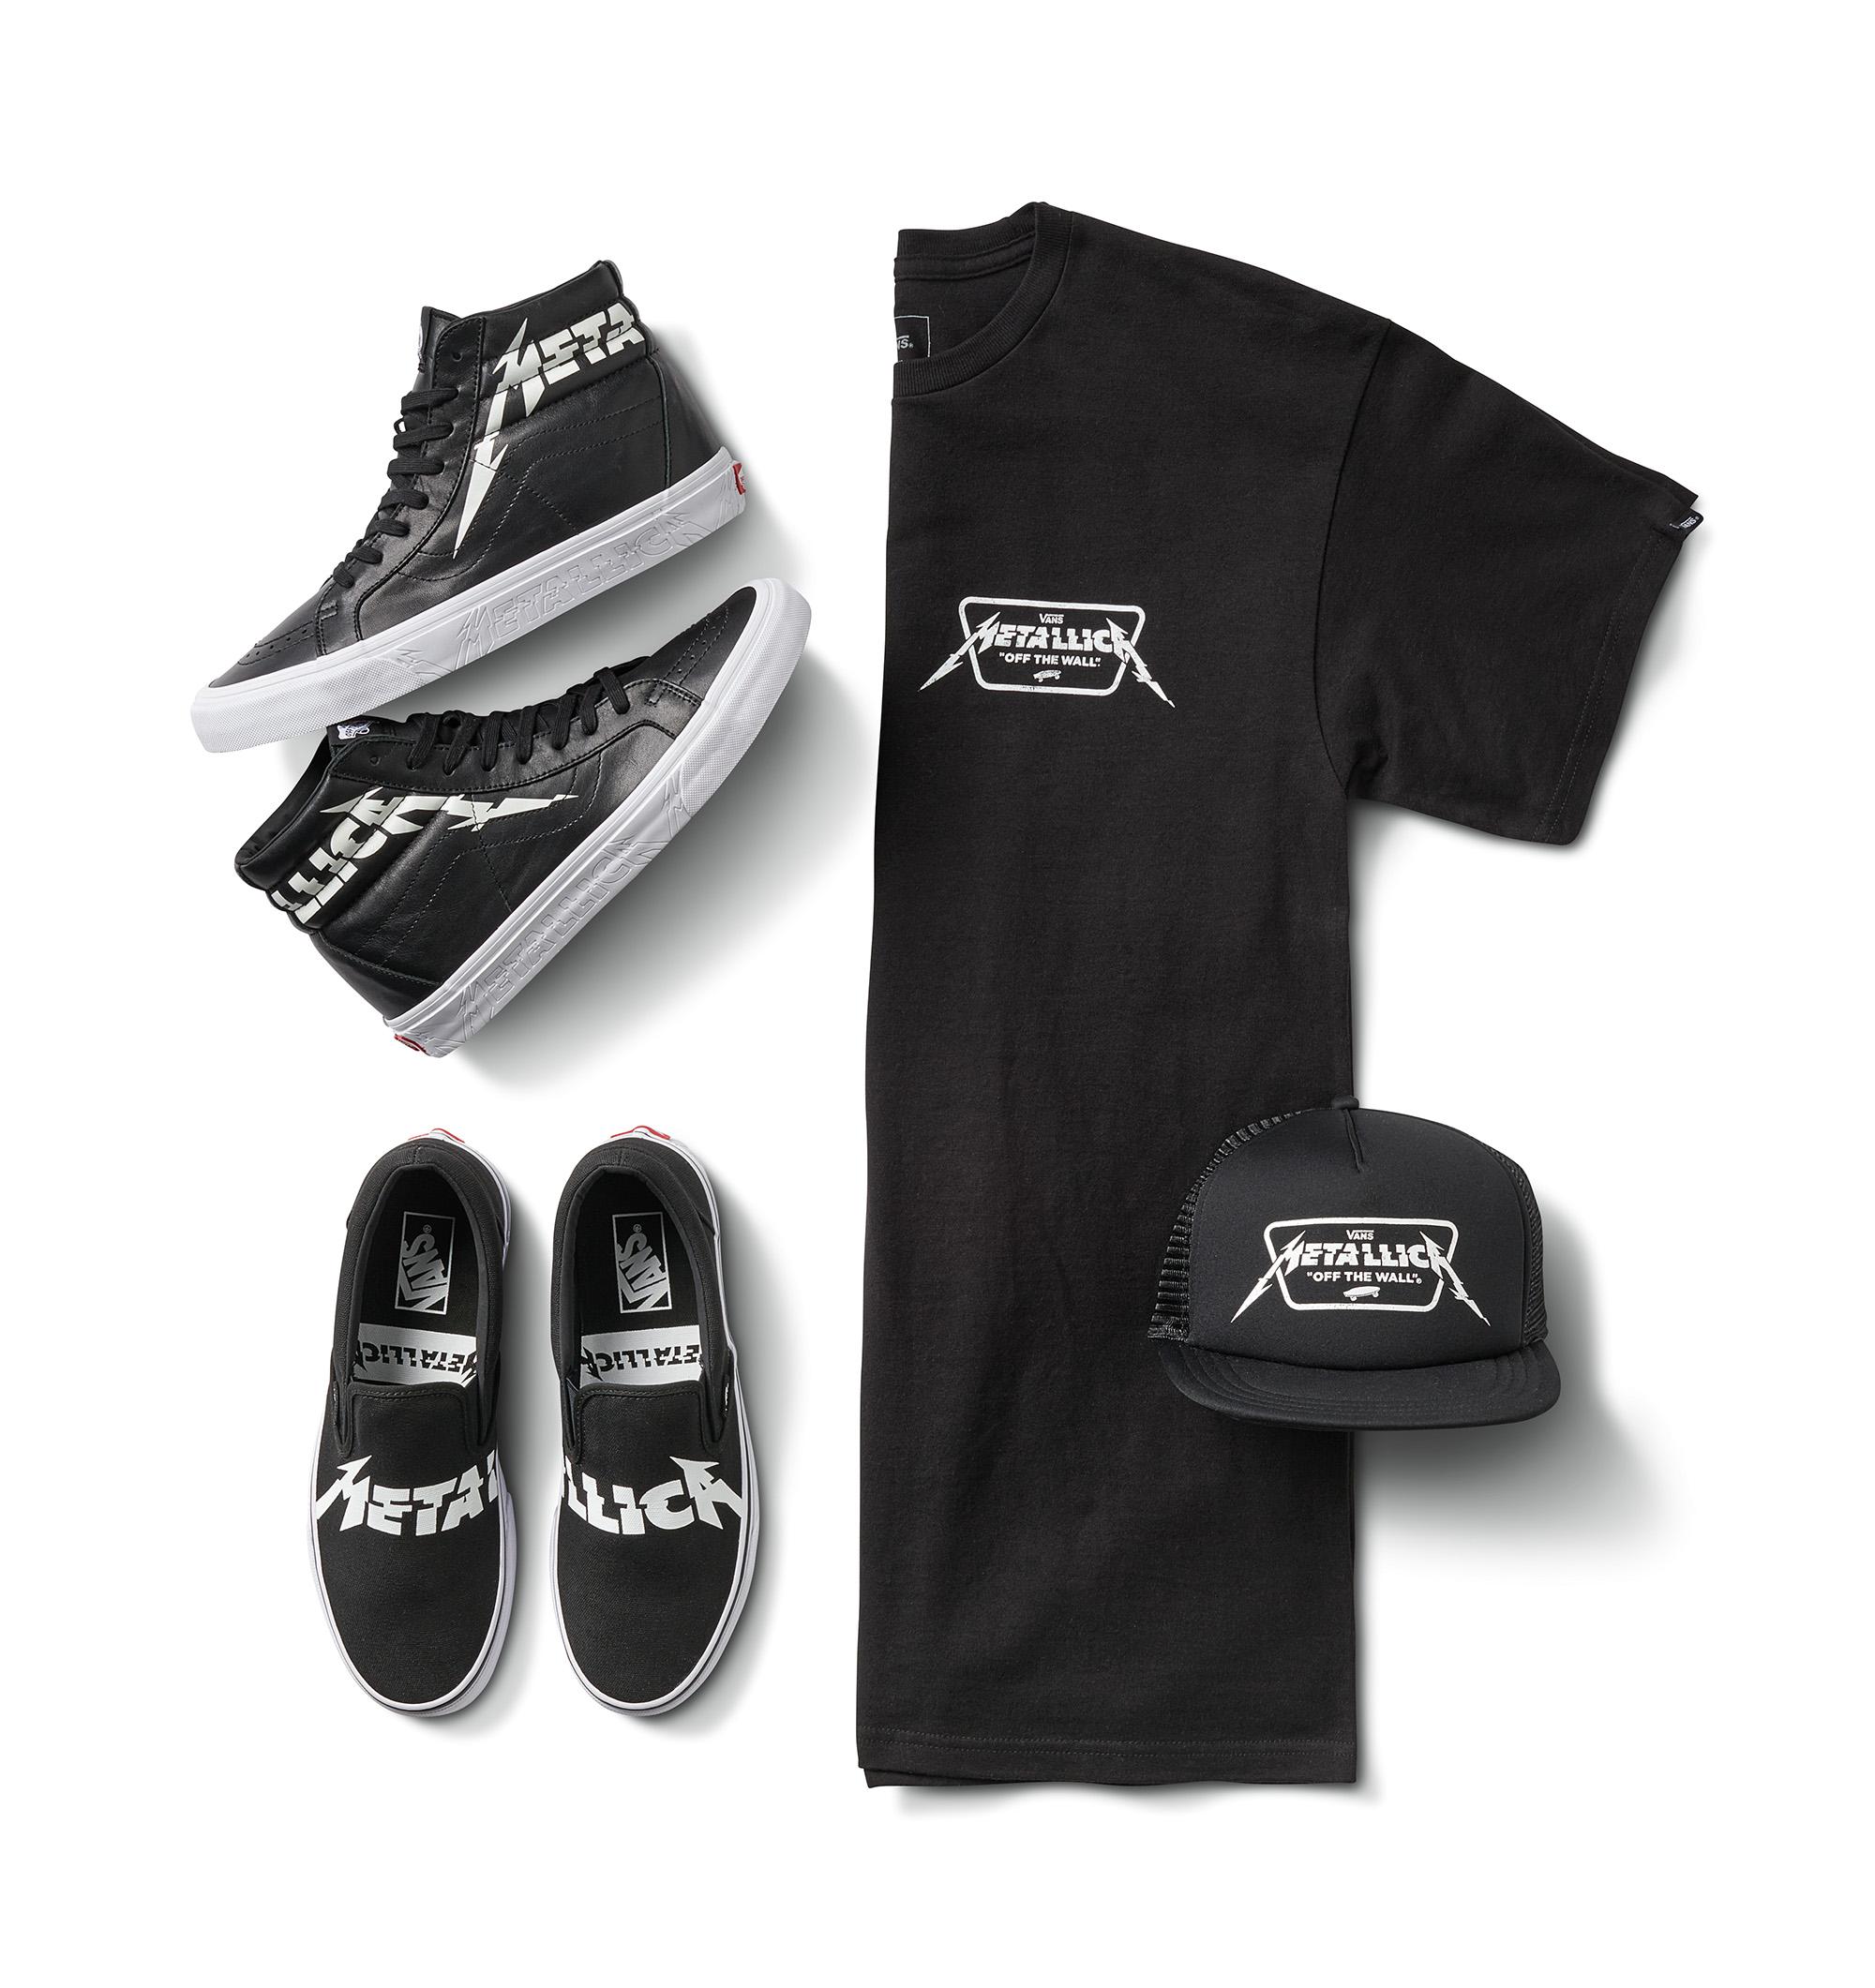 Vans x Metallica full collection